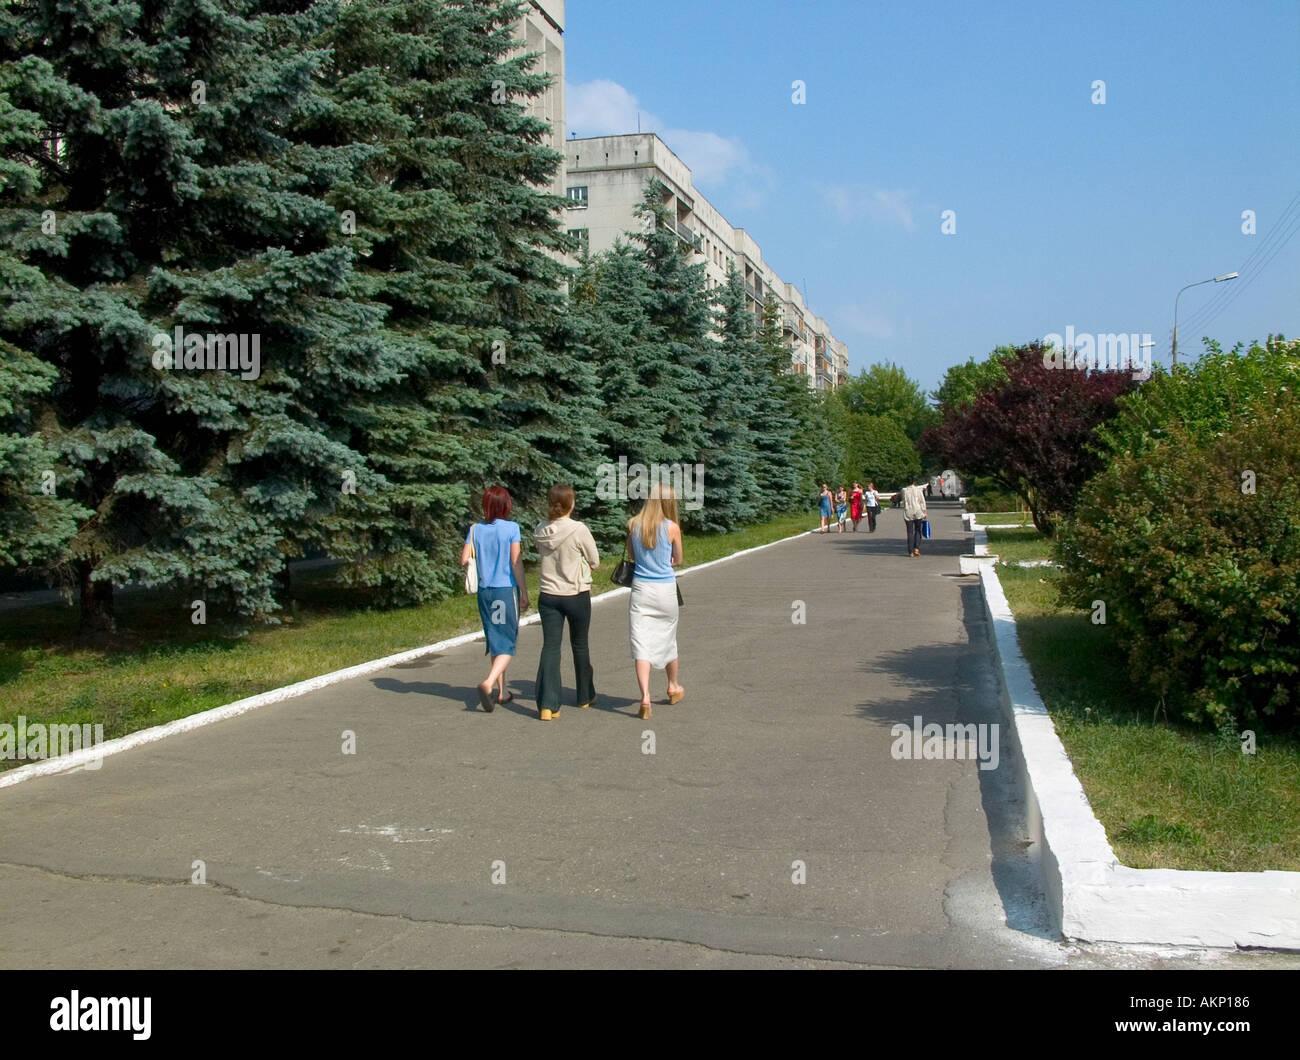 people walking to work aound am on sovetskaya street in gomel people walking to work aound 9 am on sovetskaya street in gomel